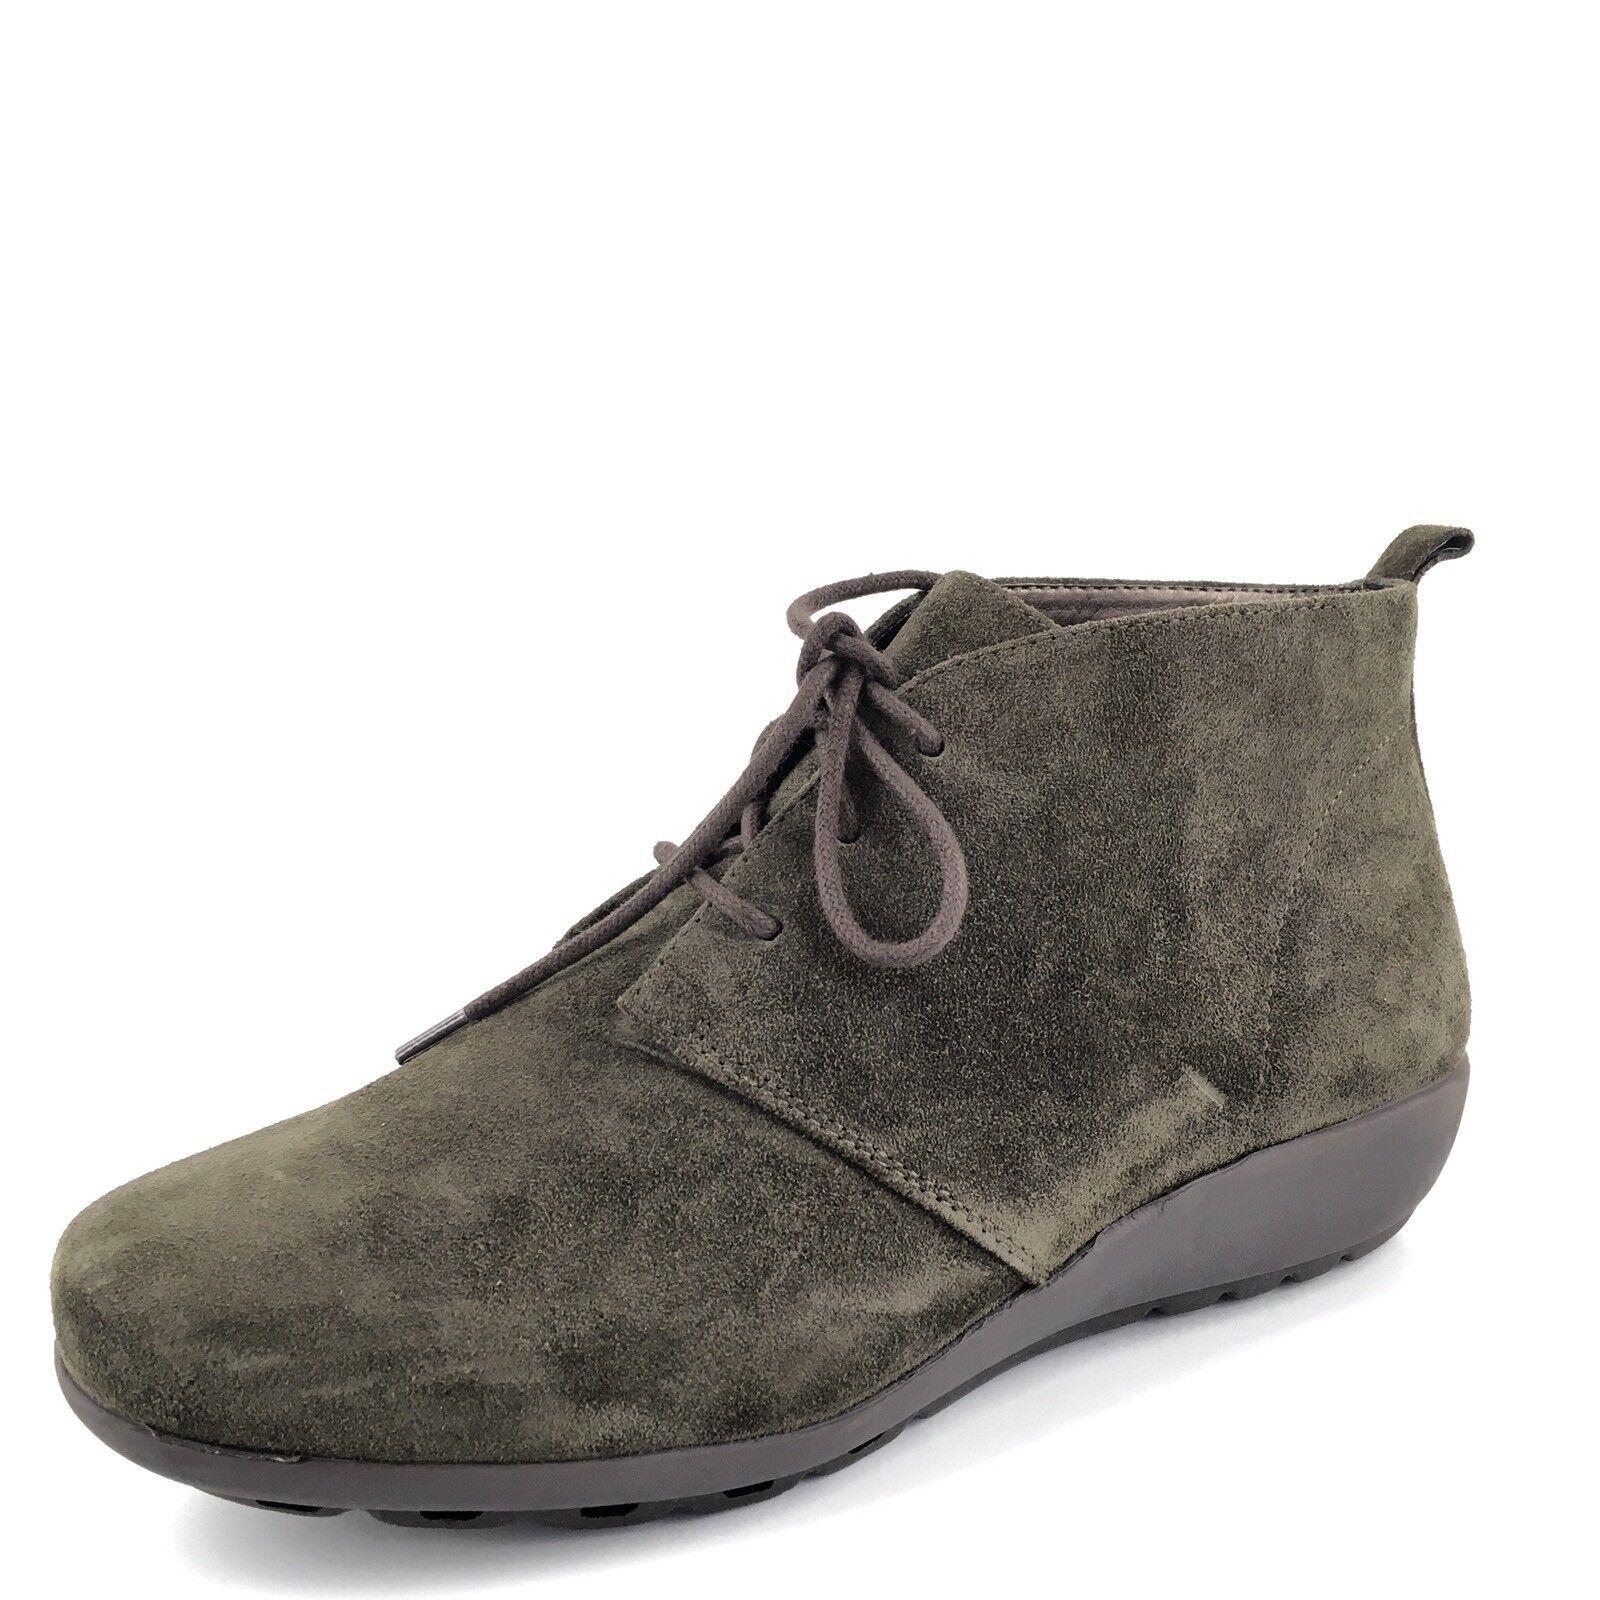 New Easy Spirit Olive Suede Wedge Ankle Stiefel Damenschuhe Größe 6.5 M